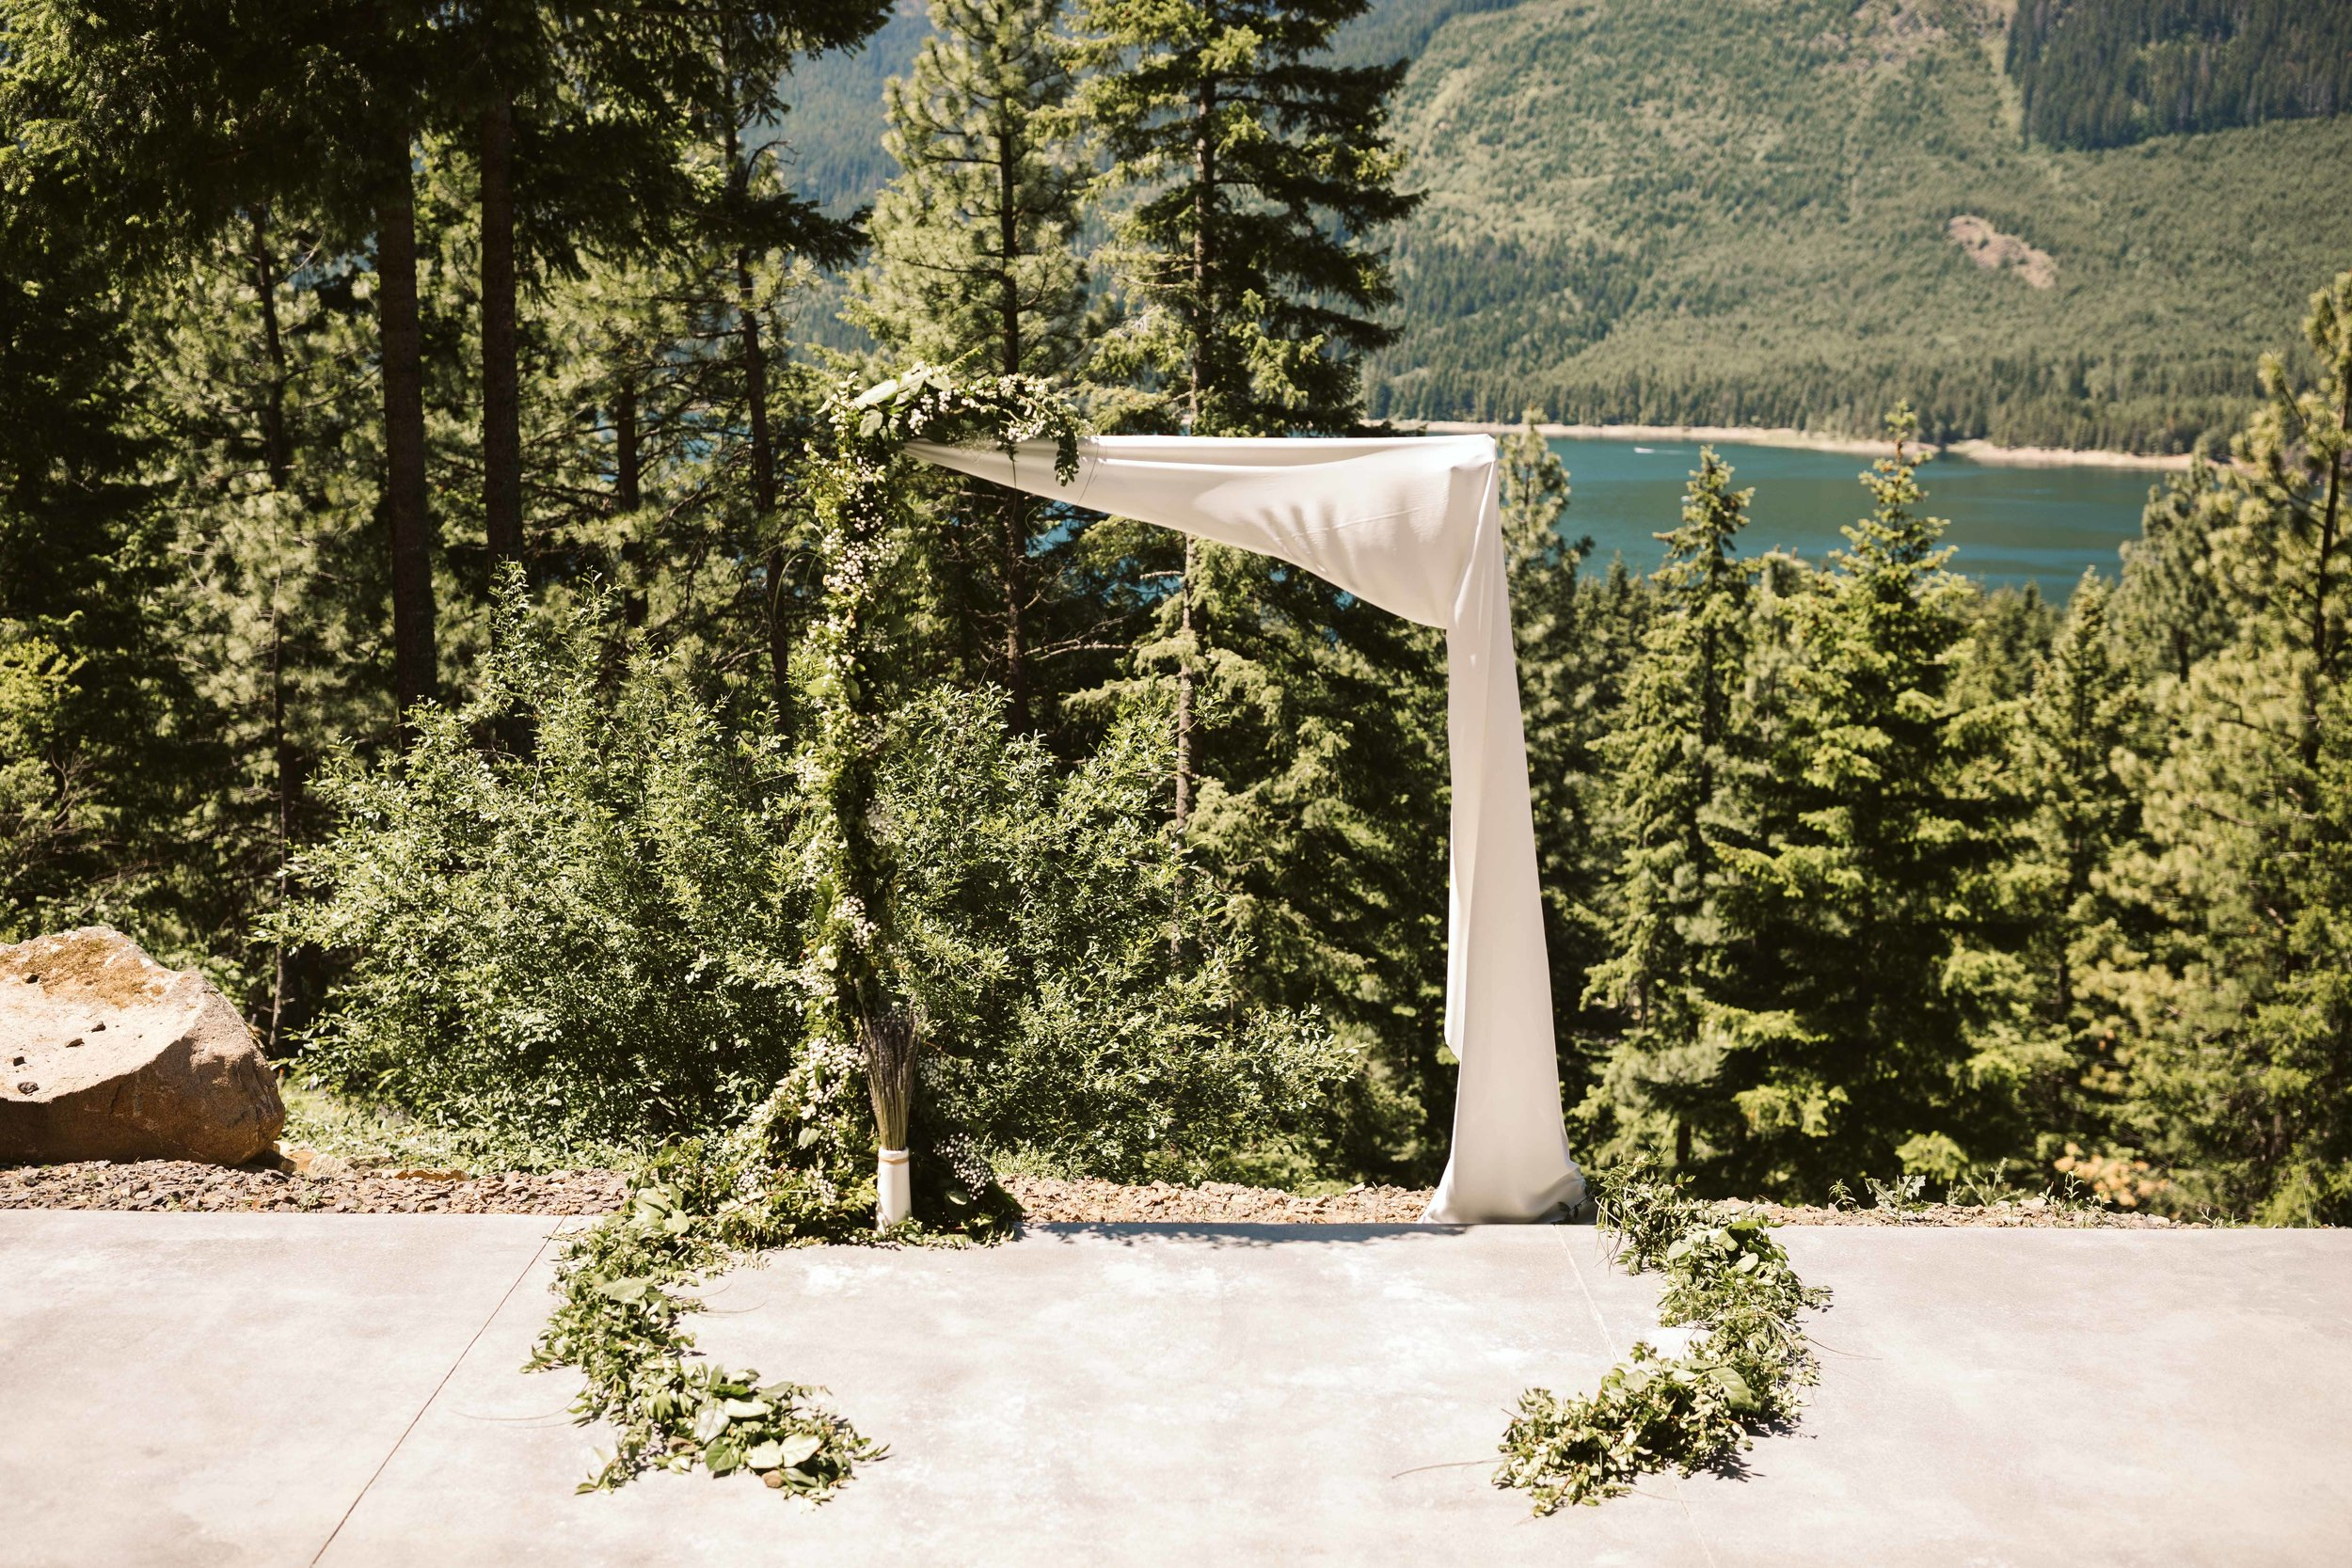 cle-elum-cabin-elopement-7.jpg